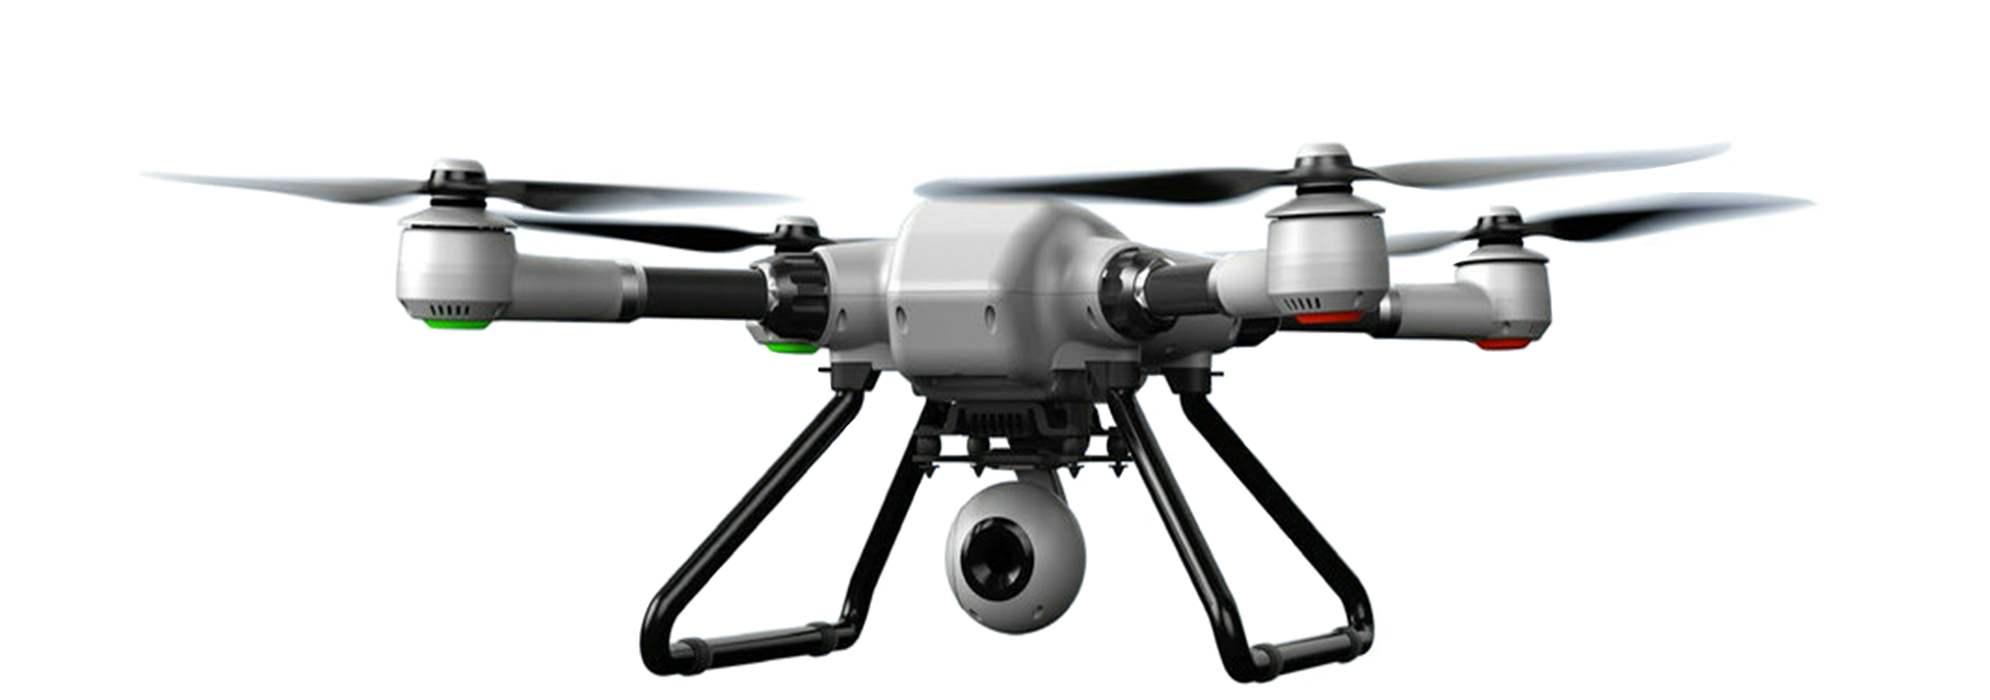 2020年全球工业无人机行业现状及前景分析